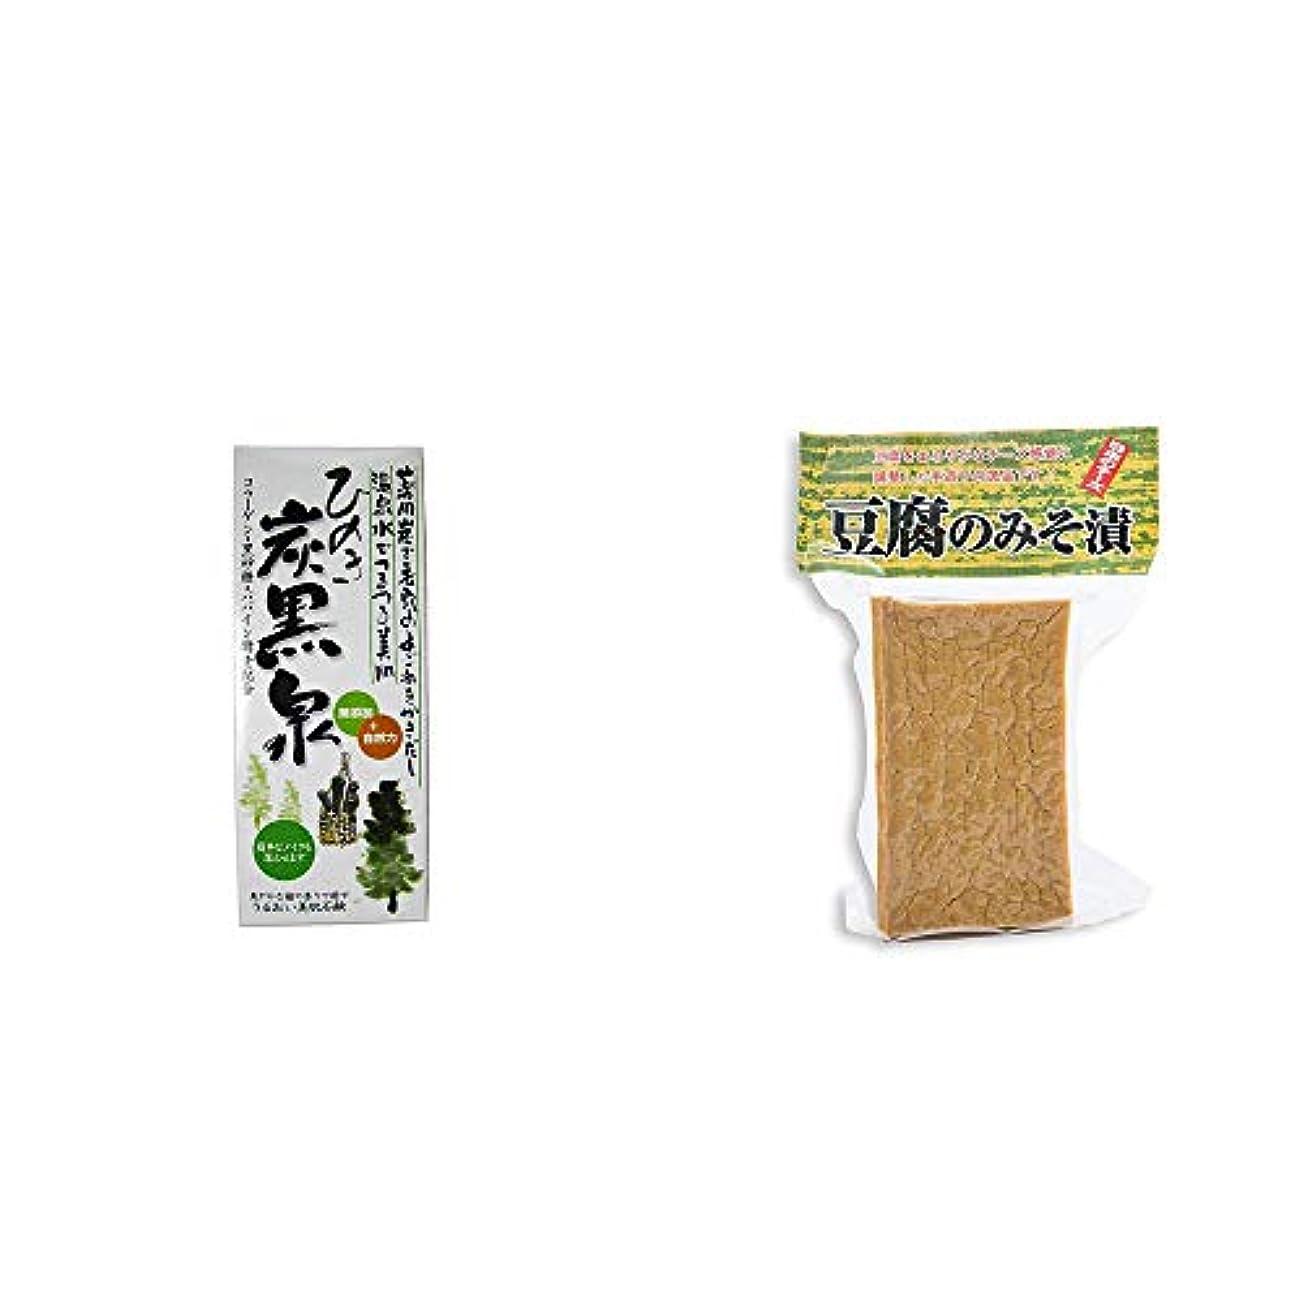 抑制力浸す[2点セット] ひのき炭黒泉 箱入り(75g×3)?日本のチーズ 豆腐のみそ漬(1個入)